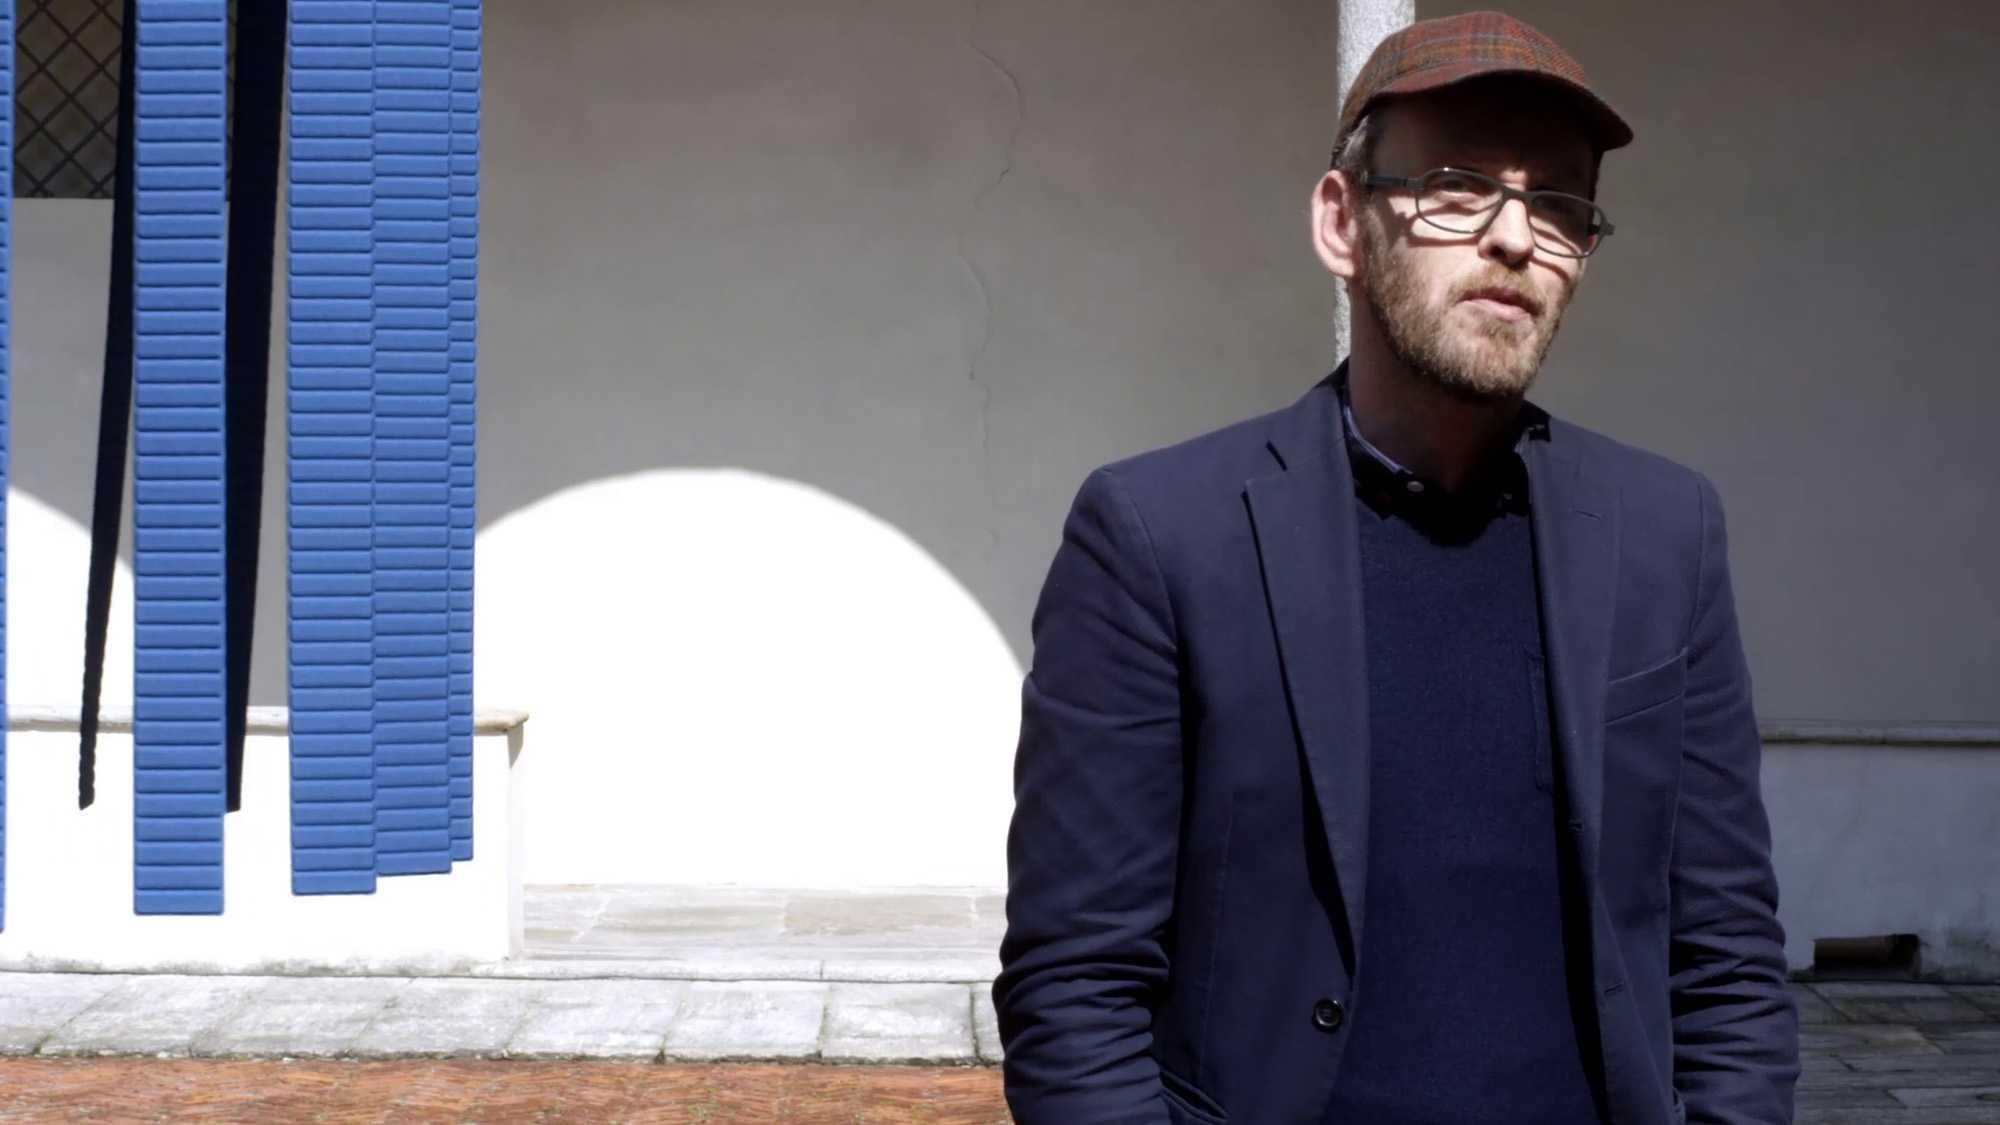 Das Bild zeigt einen Mann der vor einer weißen Wand steht. Links an dieser Wand sind blaue Streifen zu sehen. Das Bild dient als Sliderbild für den Portfolioeintrag BMW Quiet Motion von Panda Pictures.